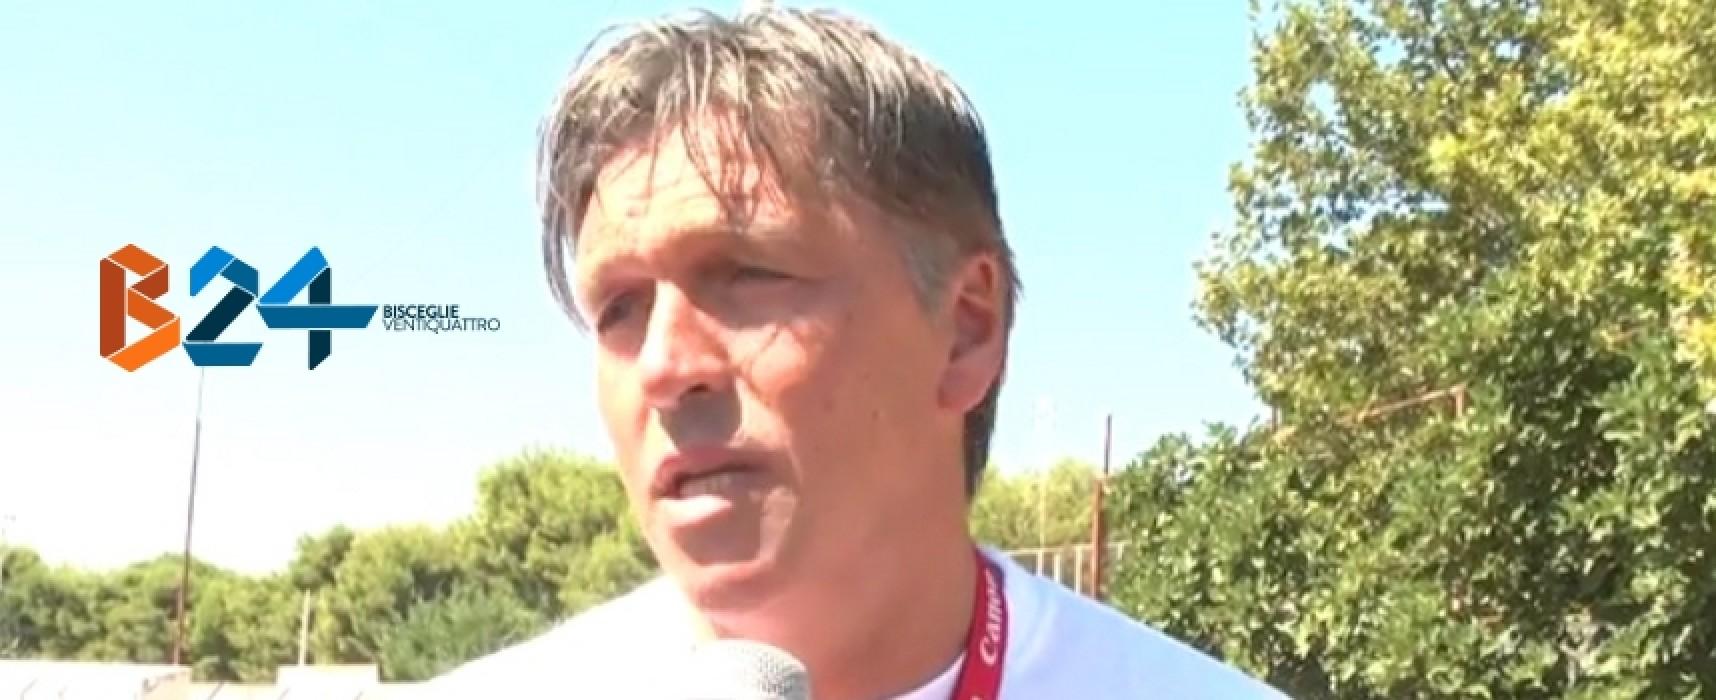 Ieri raduno e partenza in ritiro per il Bisceglie calcio / INTERVISTA  VIDEO a mister Ragno